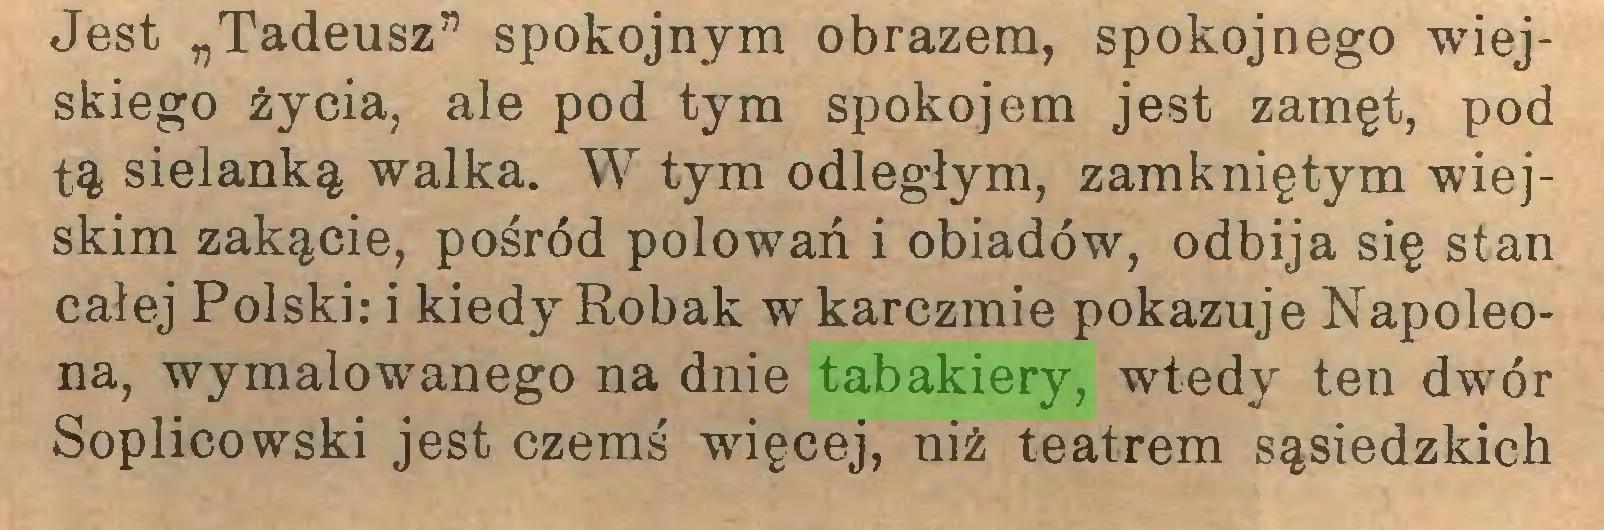 """(...) Jest """"Tadeusz"""" spokojnym obrazem, spokojnego wiejskiego życia, ale pod tym spokojem jest zamęt, pod tą sielanką walka. W tym odległym, zamkniętym wiejskim zakącie, pośród polowań i obiadów, odbija się stan całej Polski: i kiedy Robak w karczmie pokazuje Napoleona, wymalowanego na dnie tabakiery, wtedy ten dwór Soplicowski jest czemś więcej, niż teatrem sąsiedzkich..."""